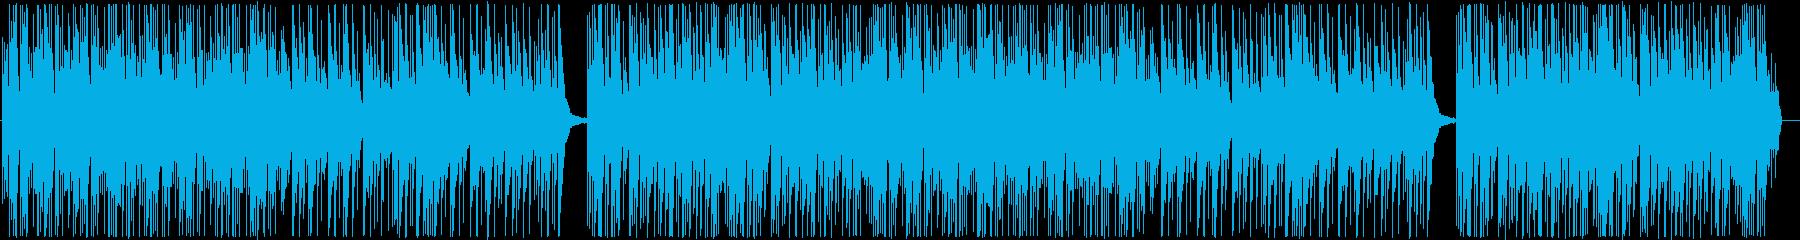 ピアノとシンセの気楽に聴けるBGMの再生済みの波形